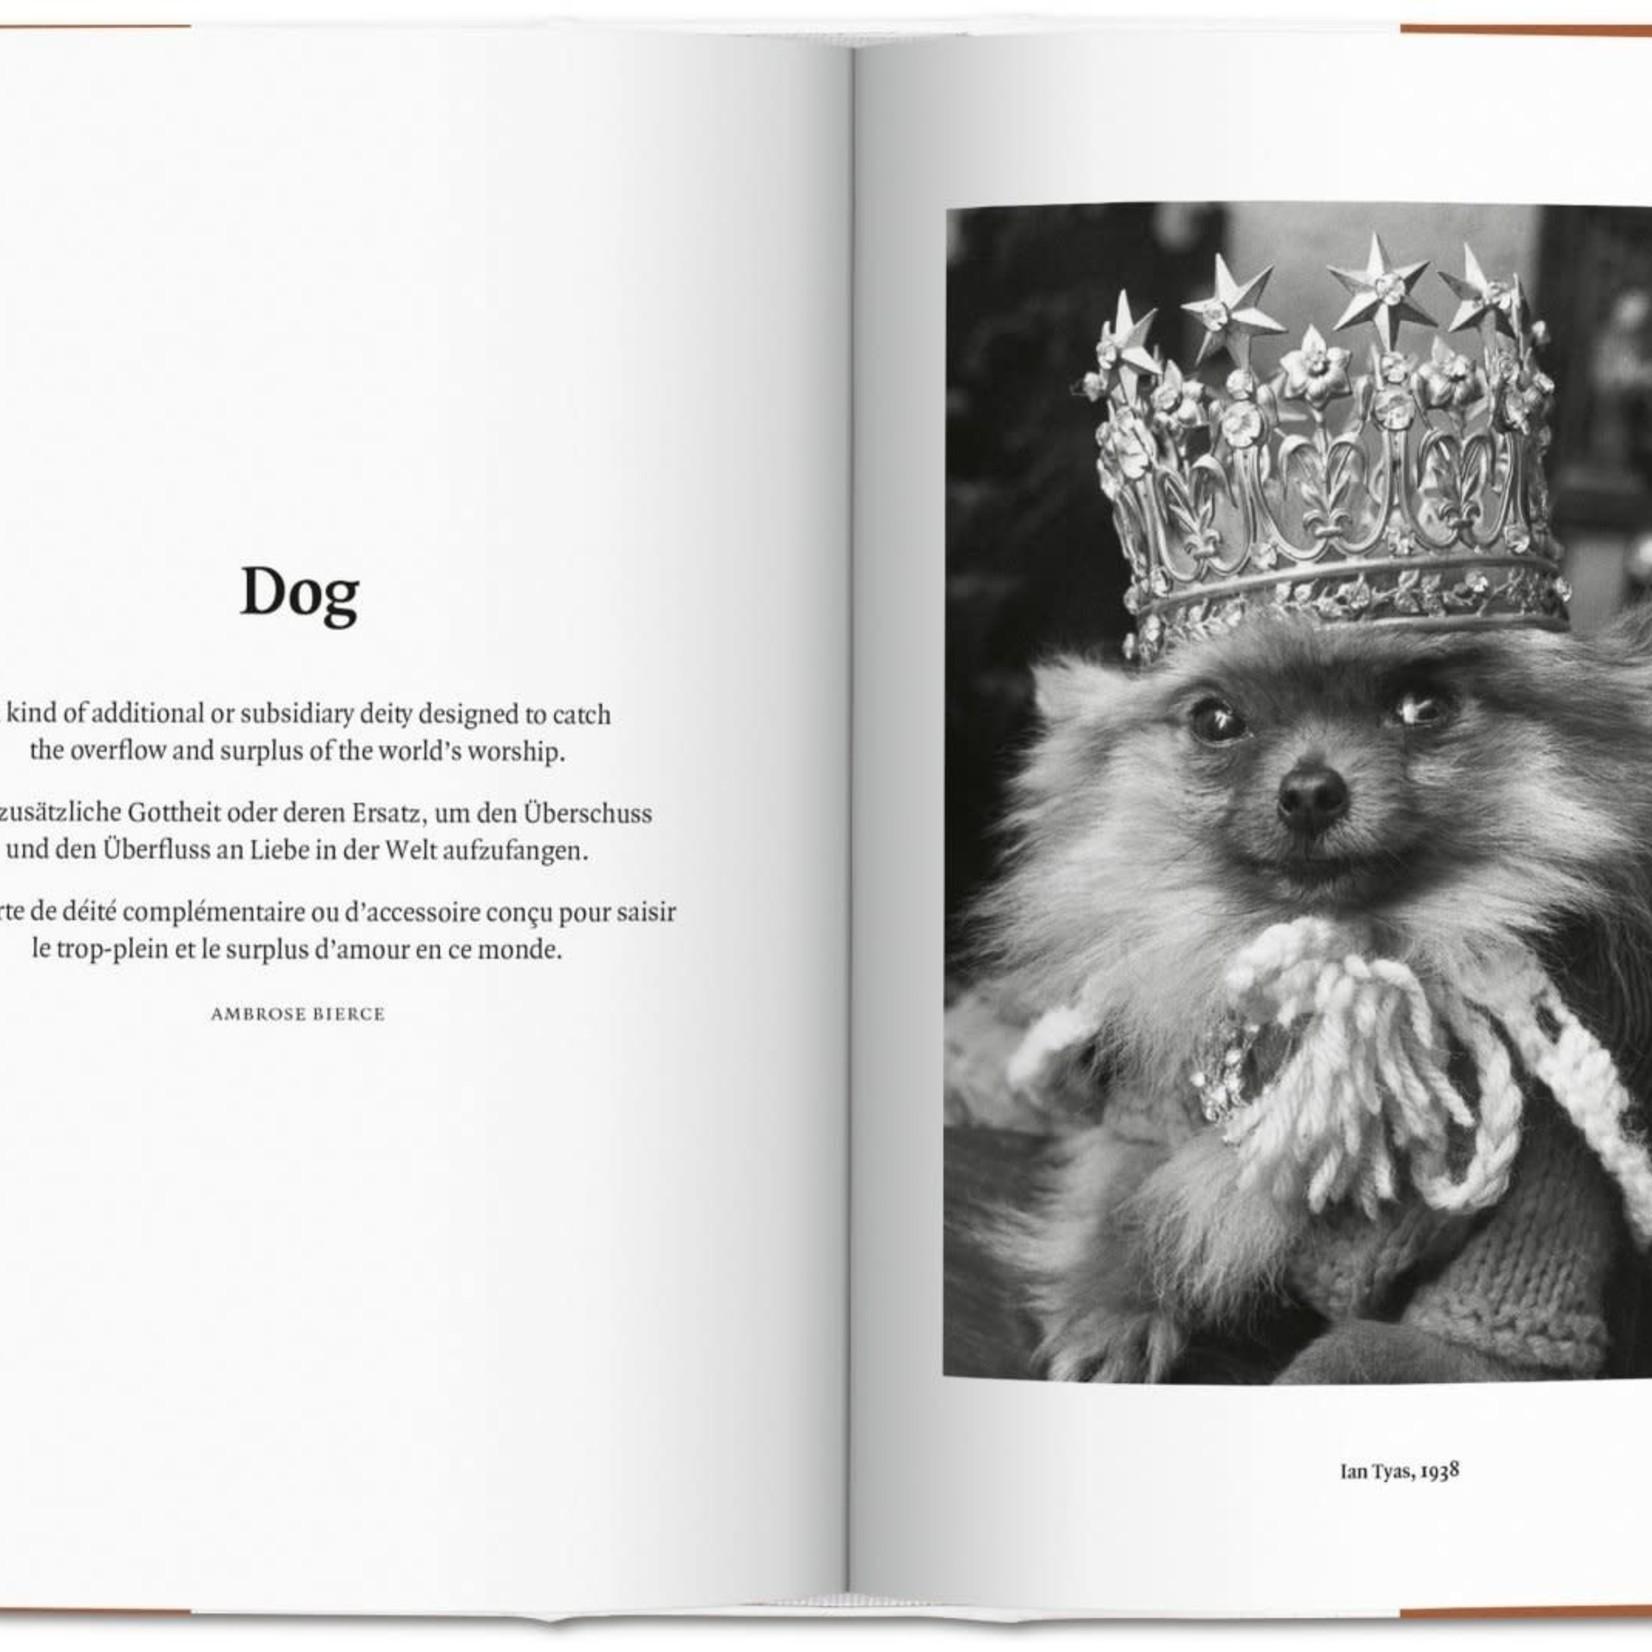 Taschen The Dog in Photography 1839–Today by Taschen